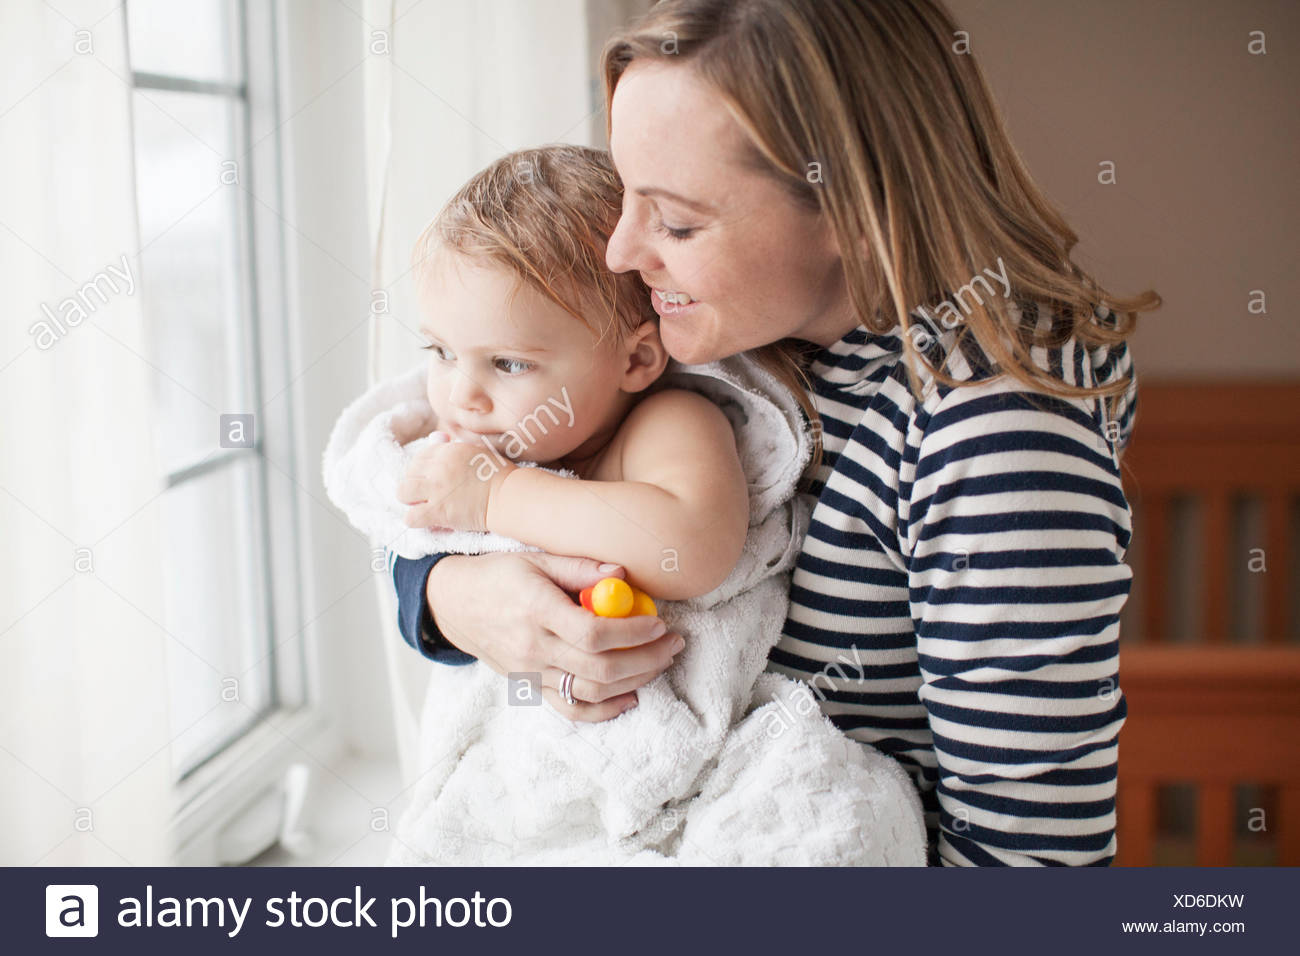 Madre niña snuggling después de su baño Imagen De Stock